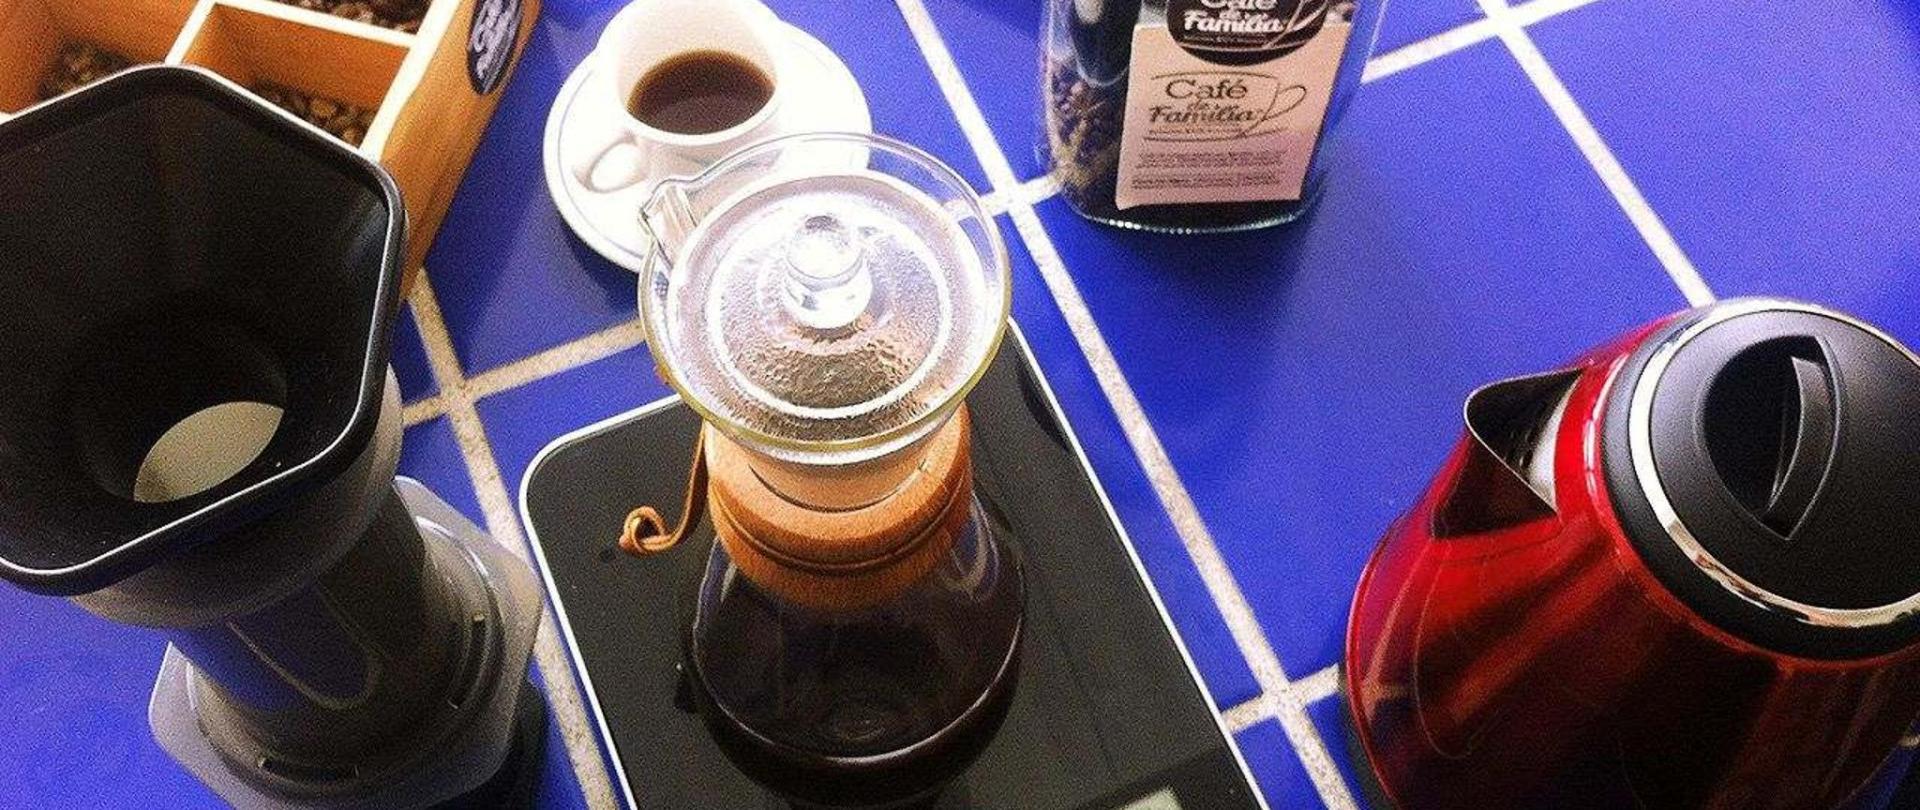 casacaturro-cafe-en-las-man-anas.jpg